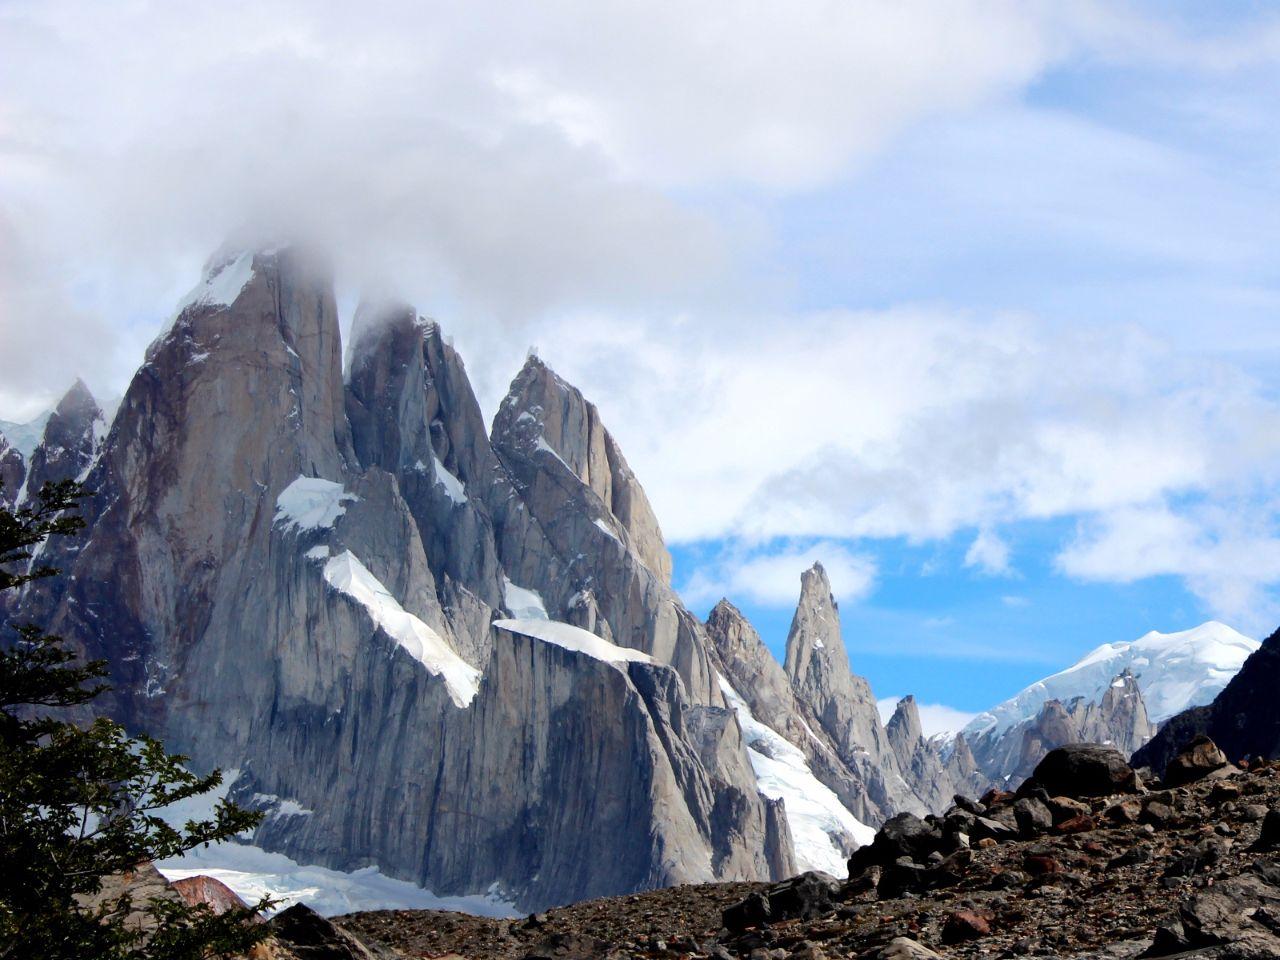 К лагуне Торре, острым пикам и ледникам